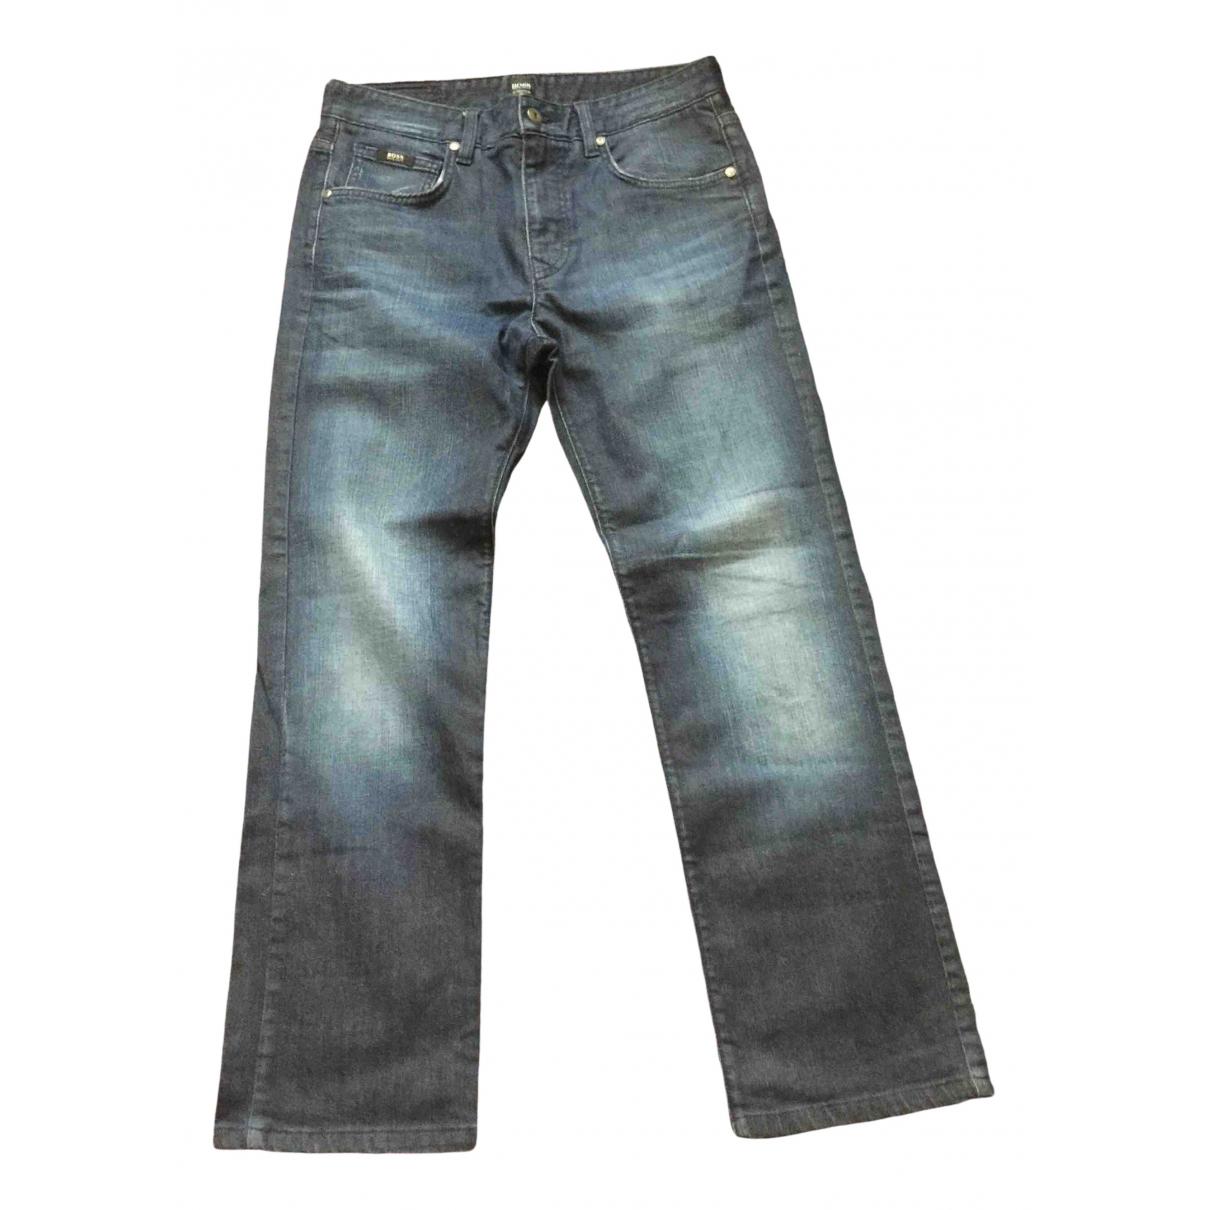 Boss N Navy Denim - Jeans Trousers for Men 34 UK - US